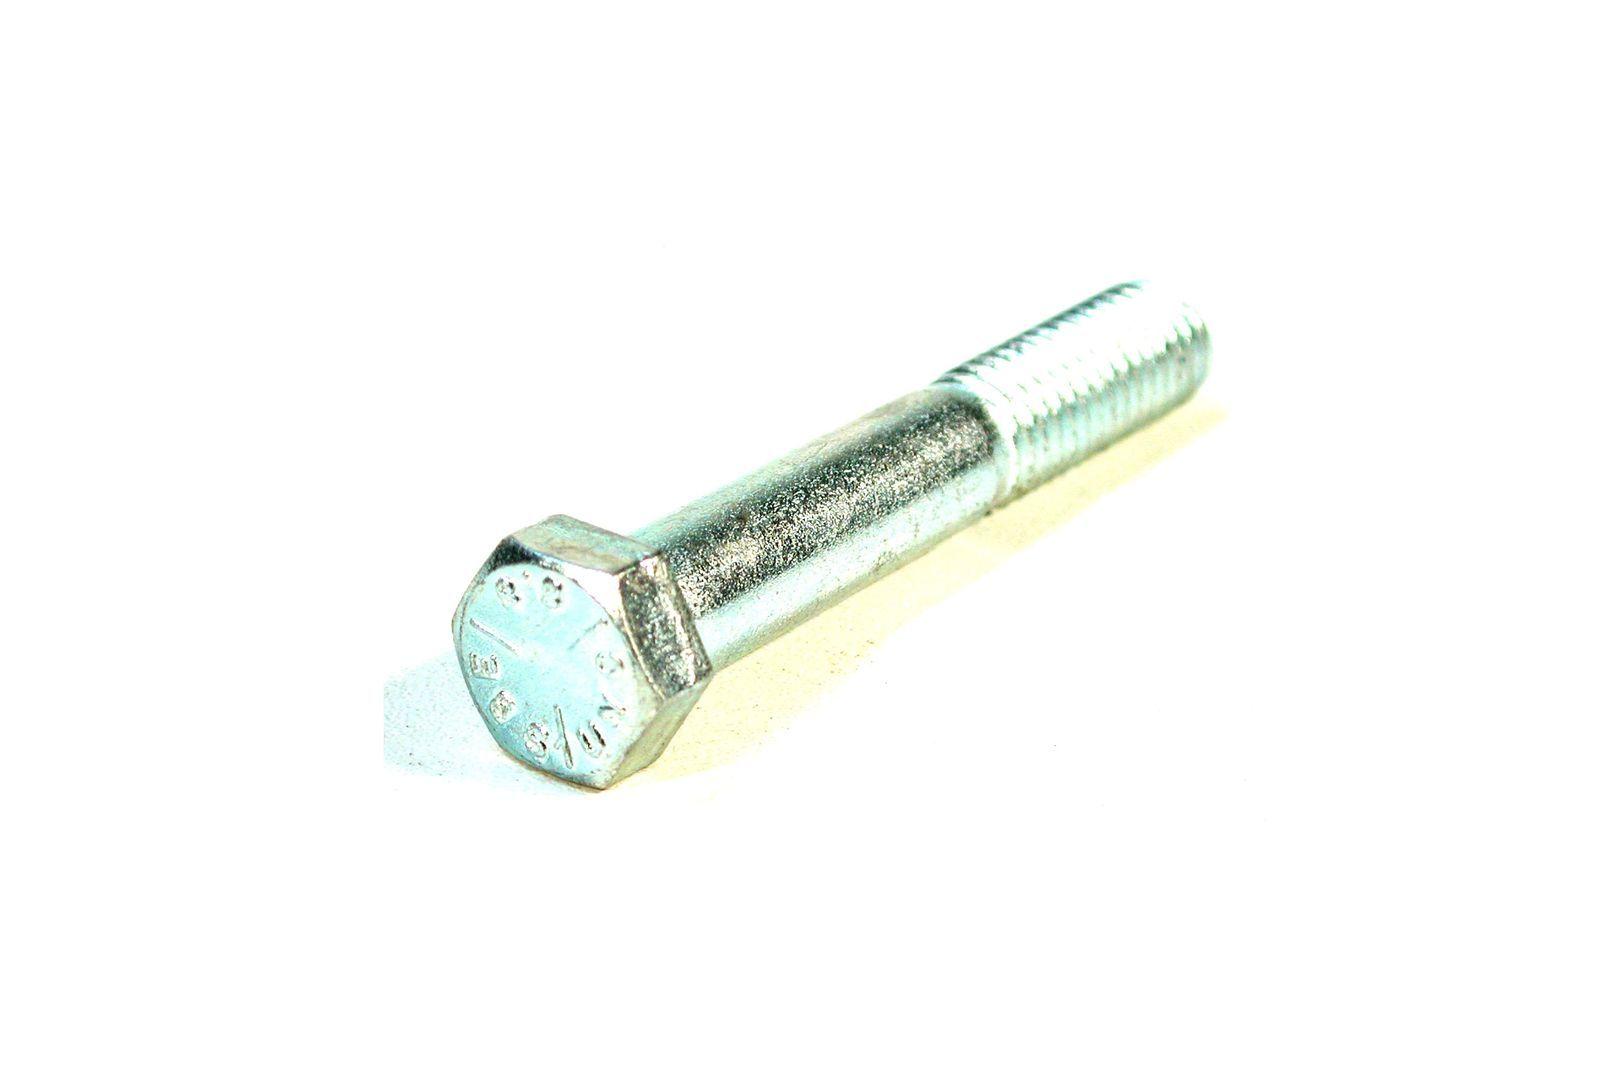 """#1001-55 Bolzen UNC 7/16"""" x 2 3/4"""", BH507221"""